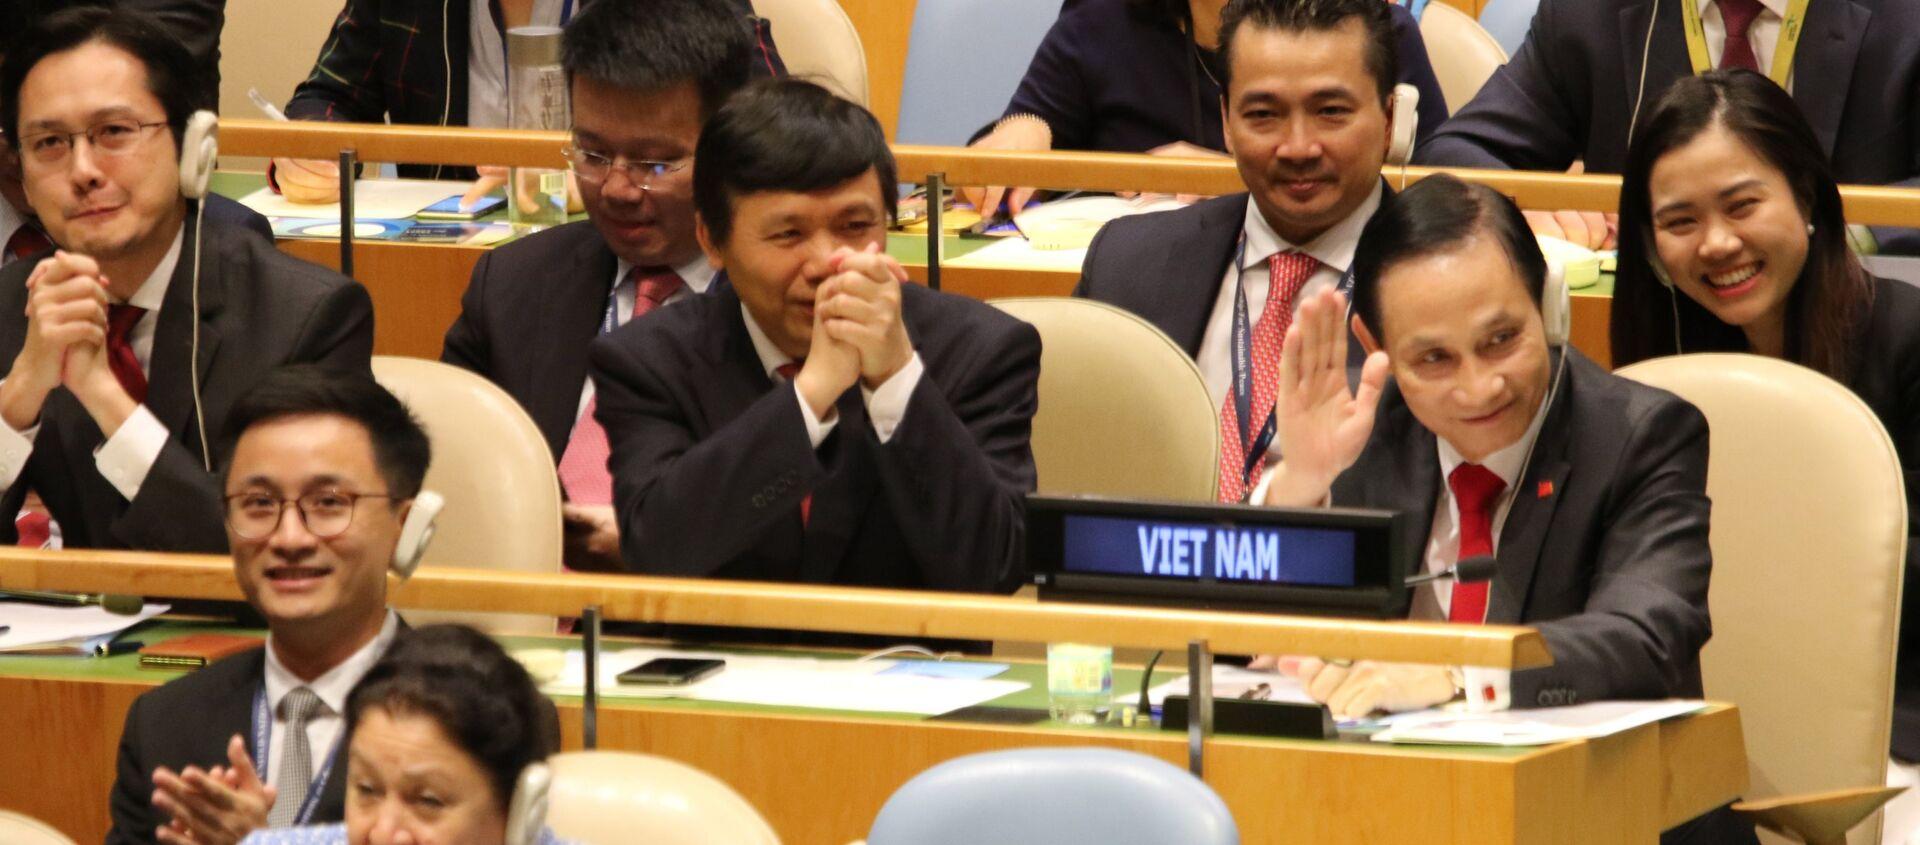 Niềm vui của các thành viên của đoàn Việt Nam khi trúng cử ủy viên không thường trực HĐBA LHQ với số phiếu gần như tuyệt đối. - Sputnik Việt Nam, 1920, 11.06.2019